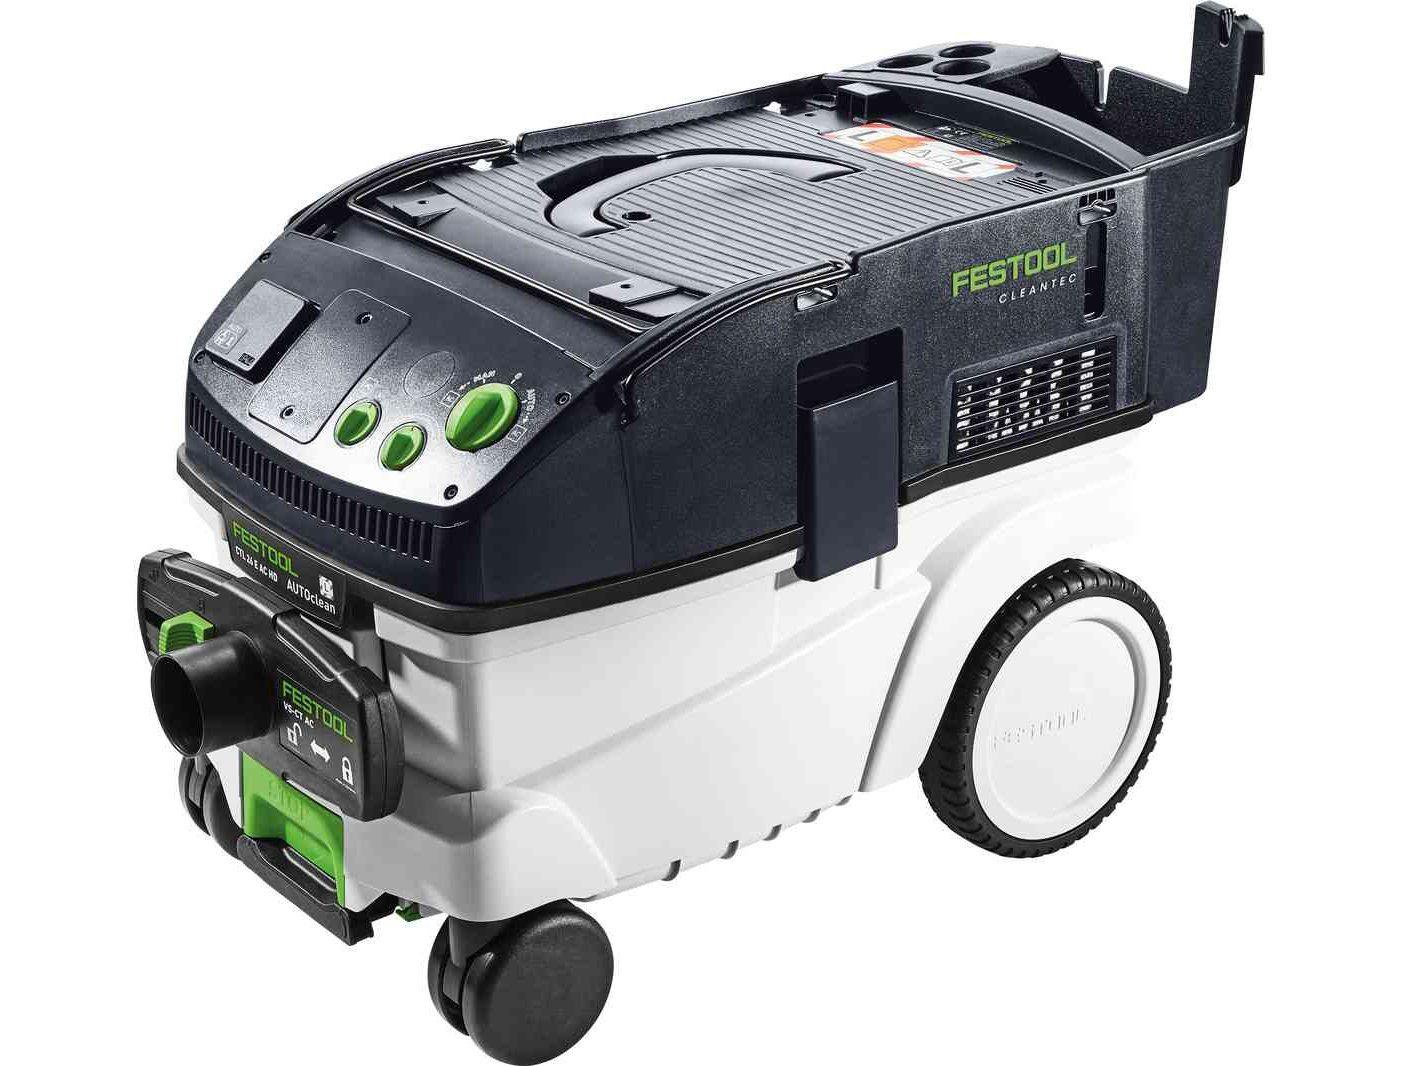 Průmyslový vysavač Festool CTL 26 E AC HD - 2400W, 26l, 14.5kg (575291)